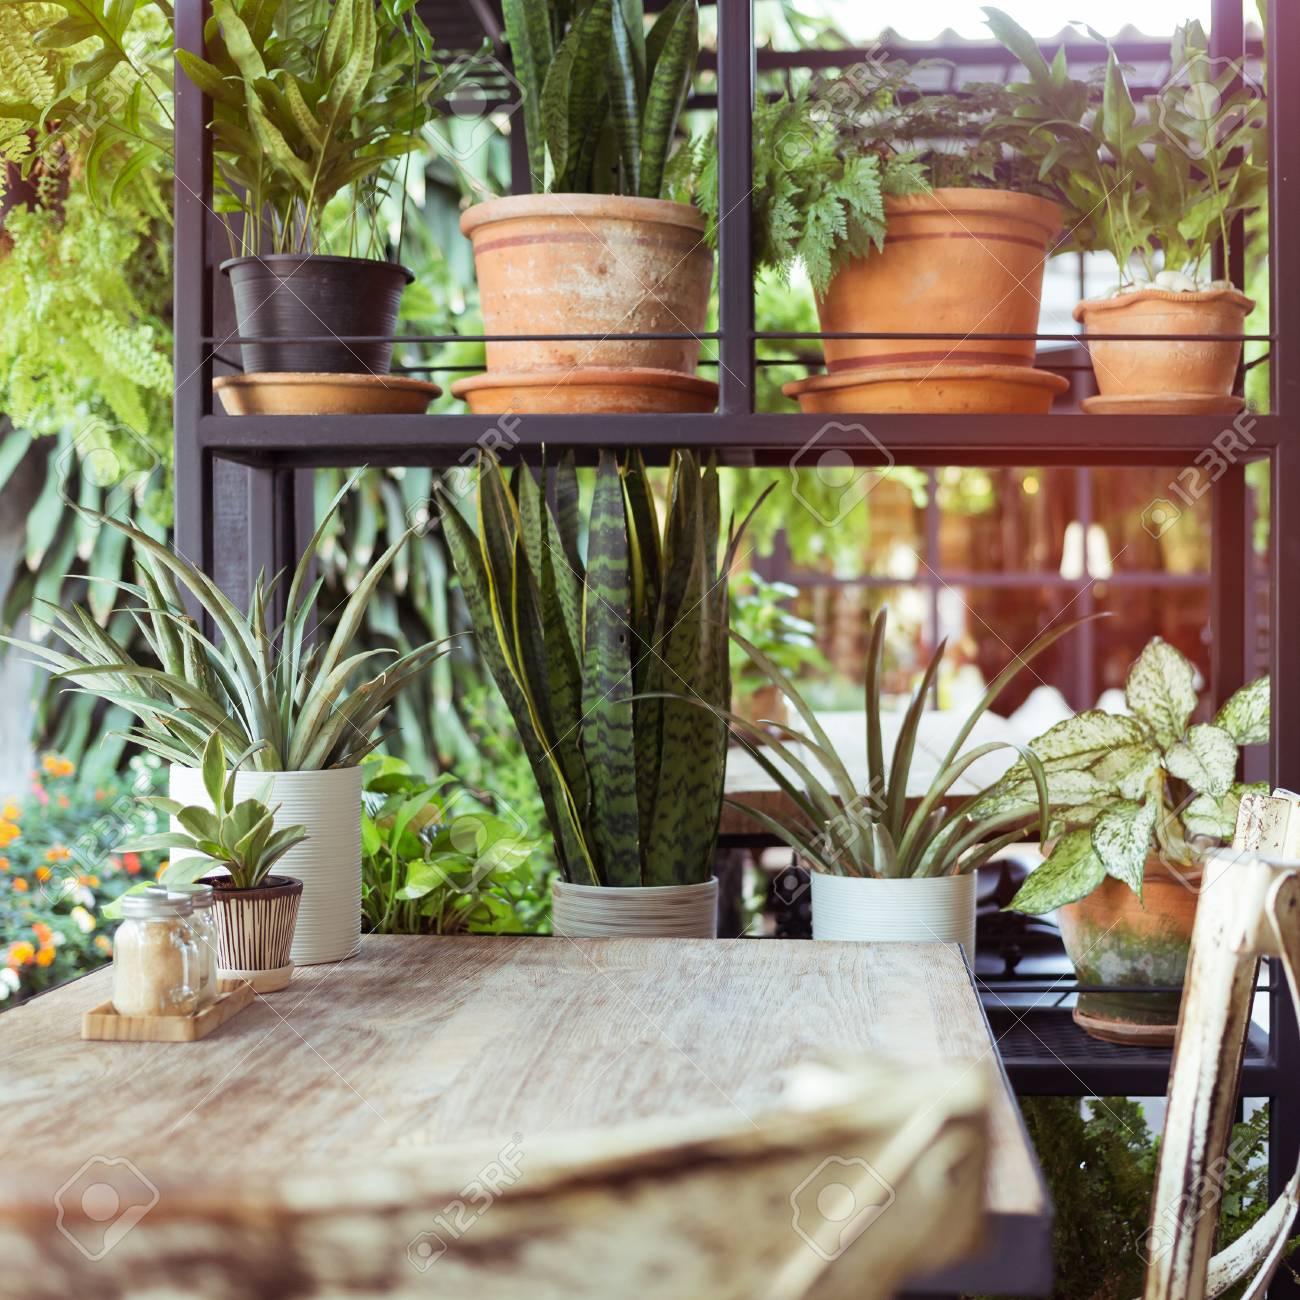 Dekoration Wohnzimmer Interieur Stil Grün Öko Umwelt Mit Pflanze Und ...